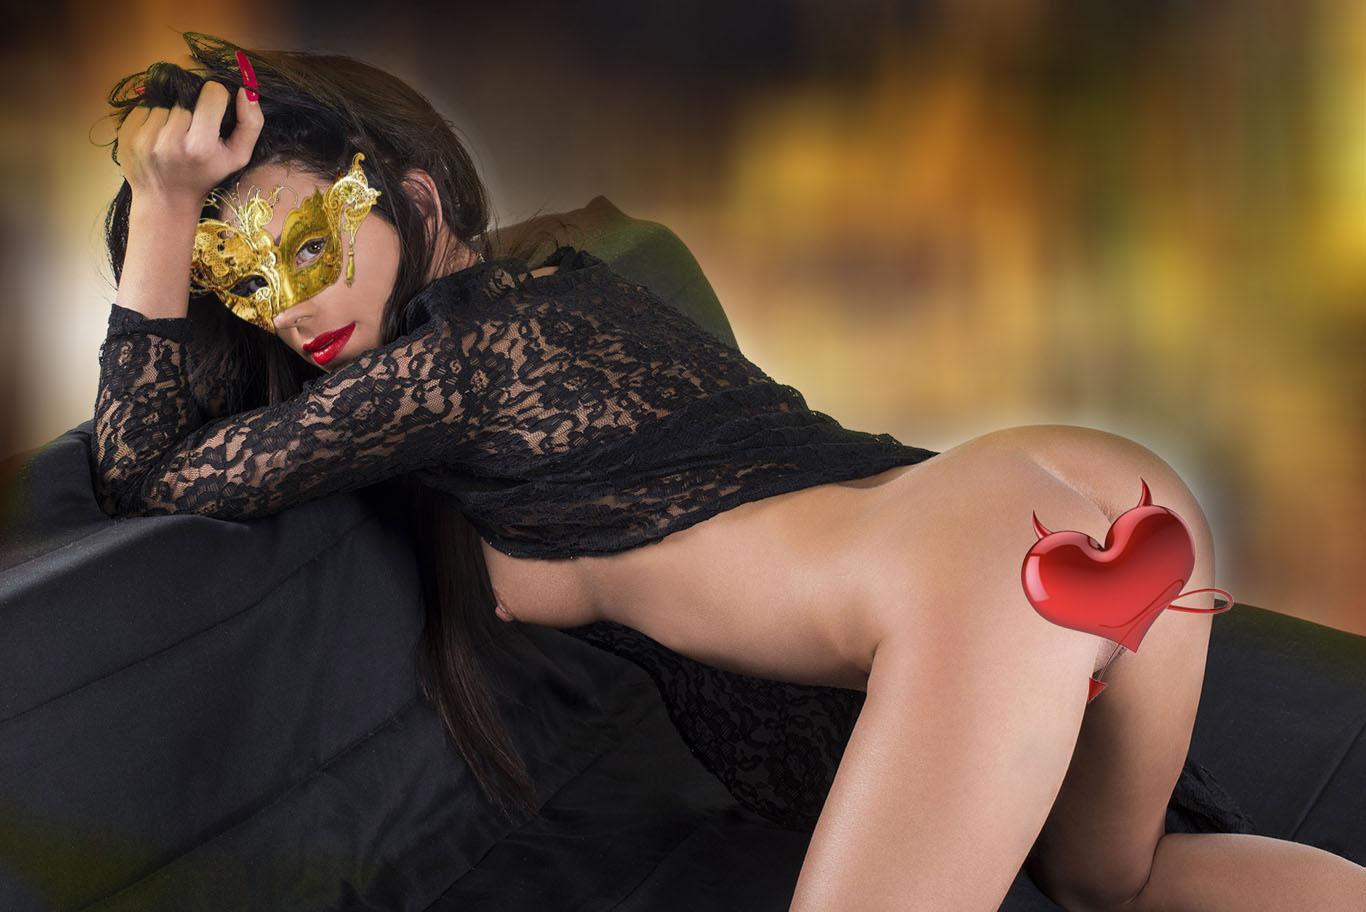 Δωρεάν βίντεο πορνό κινούμενα σχέδια